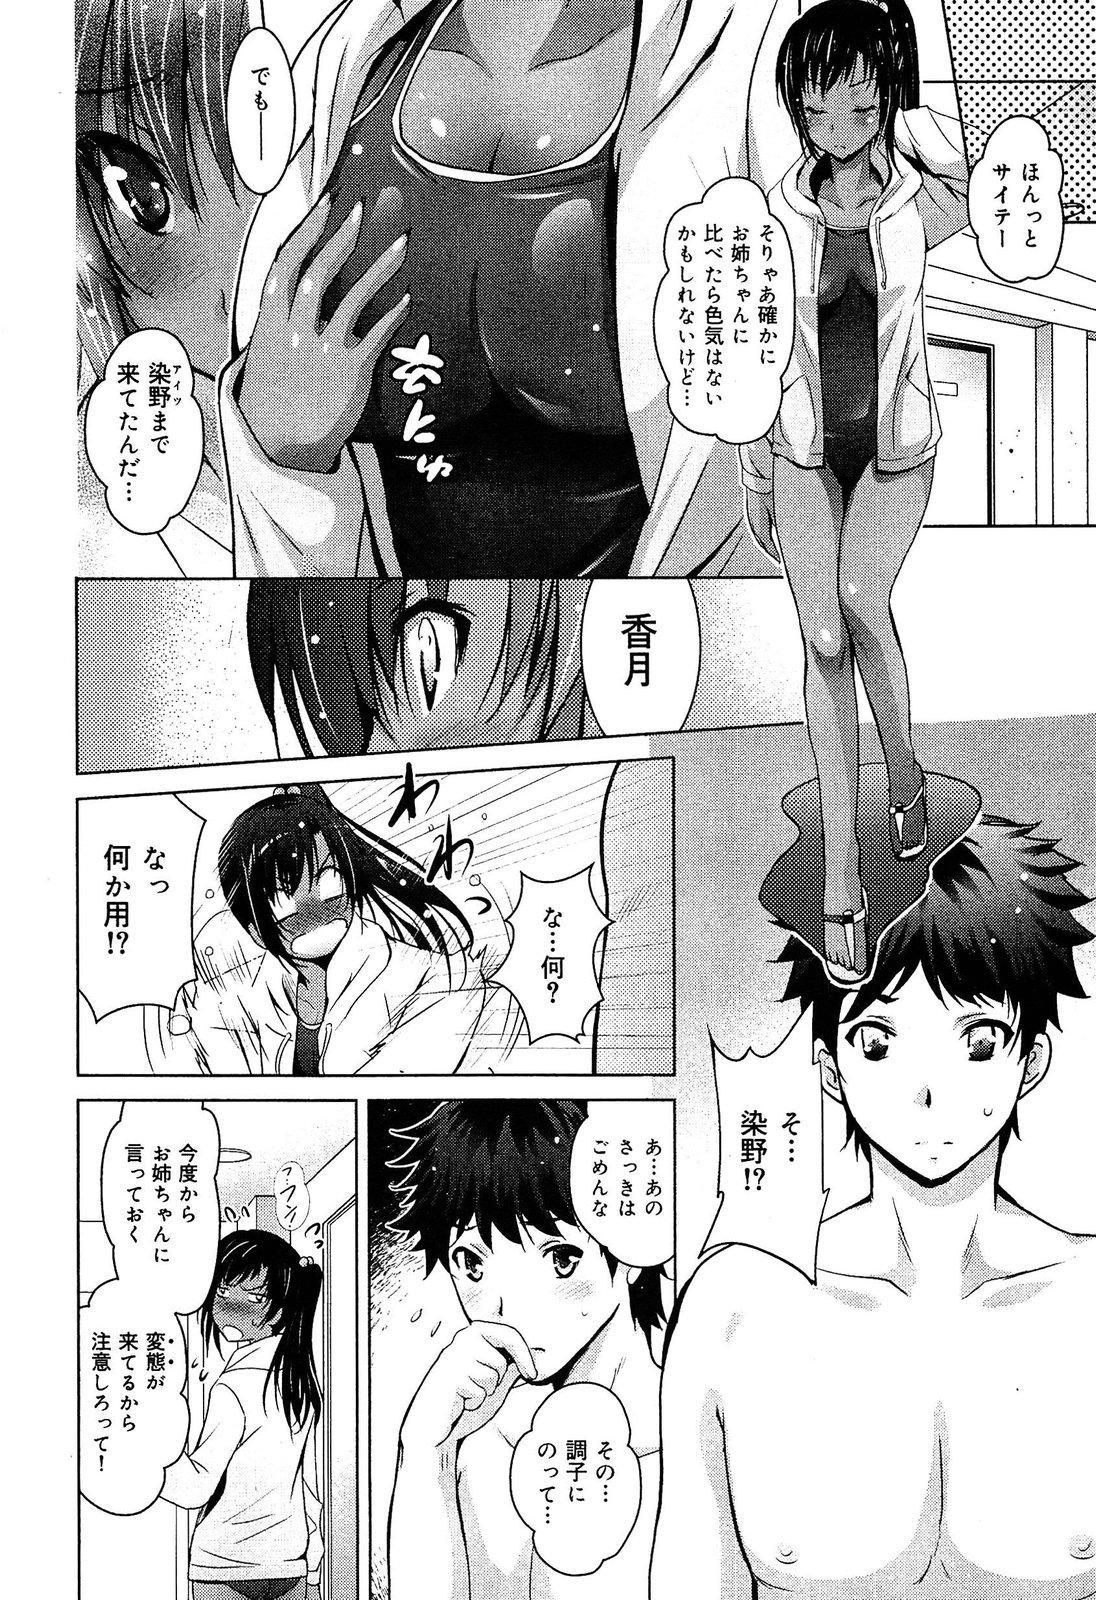 Seifuku Musou Houkago Tokubetsu Koushuu hen 244